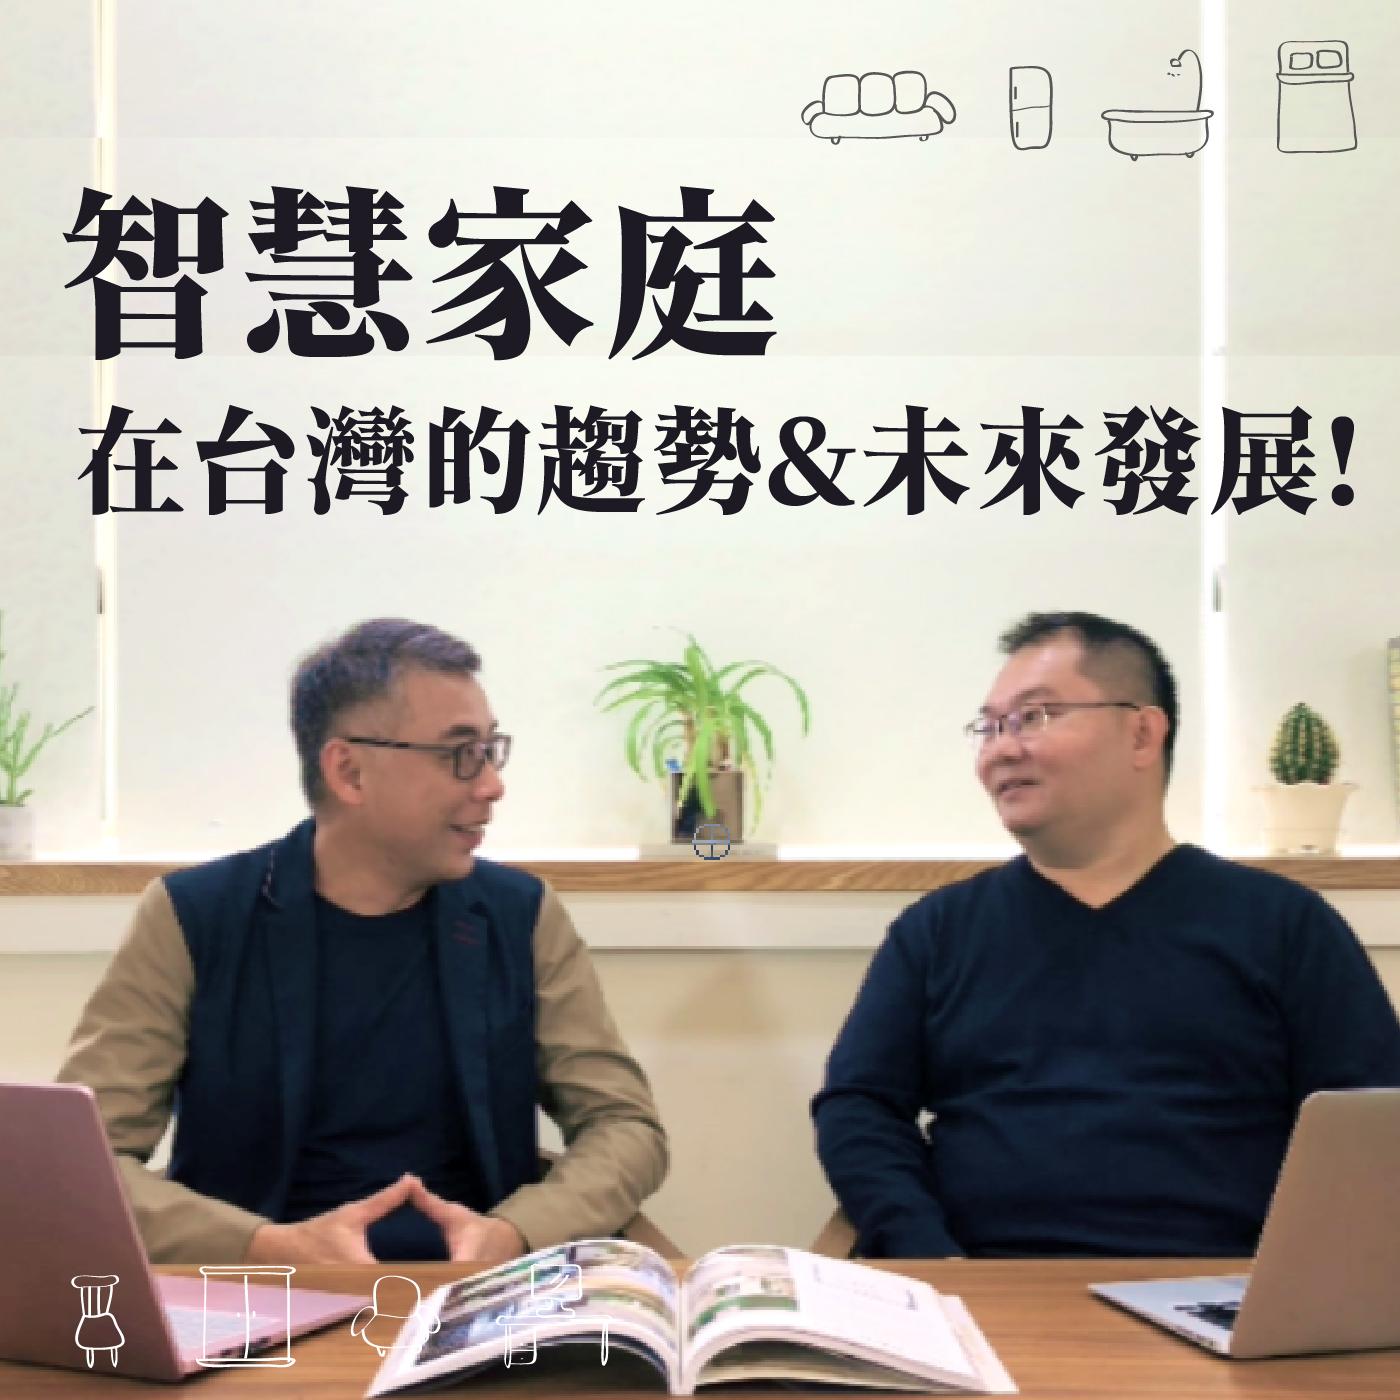 智慧家庭在台灣的趨勢及未來發展